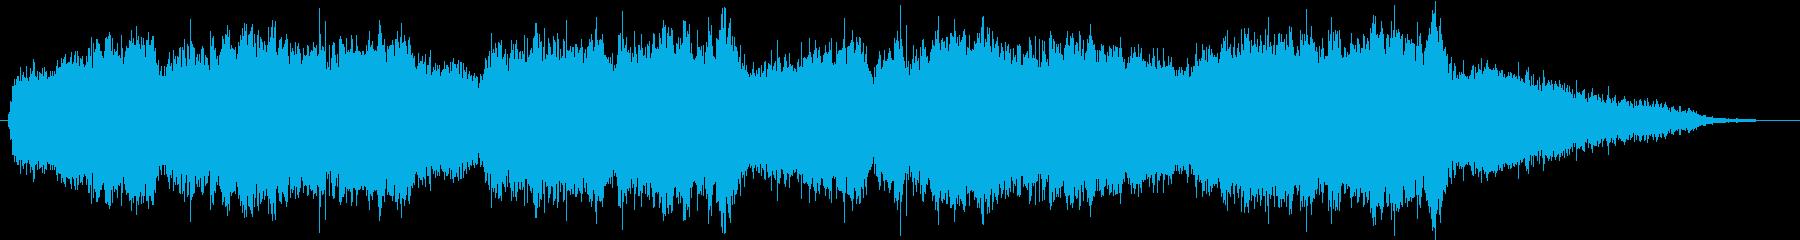 海辺の風(リラックス)【オーケストラ】の再生済みの波形